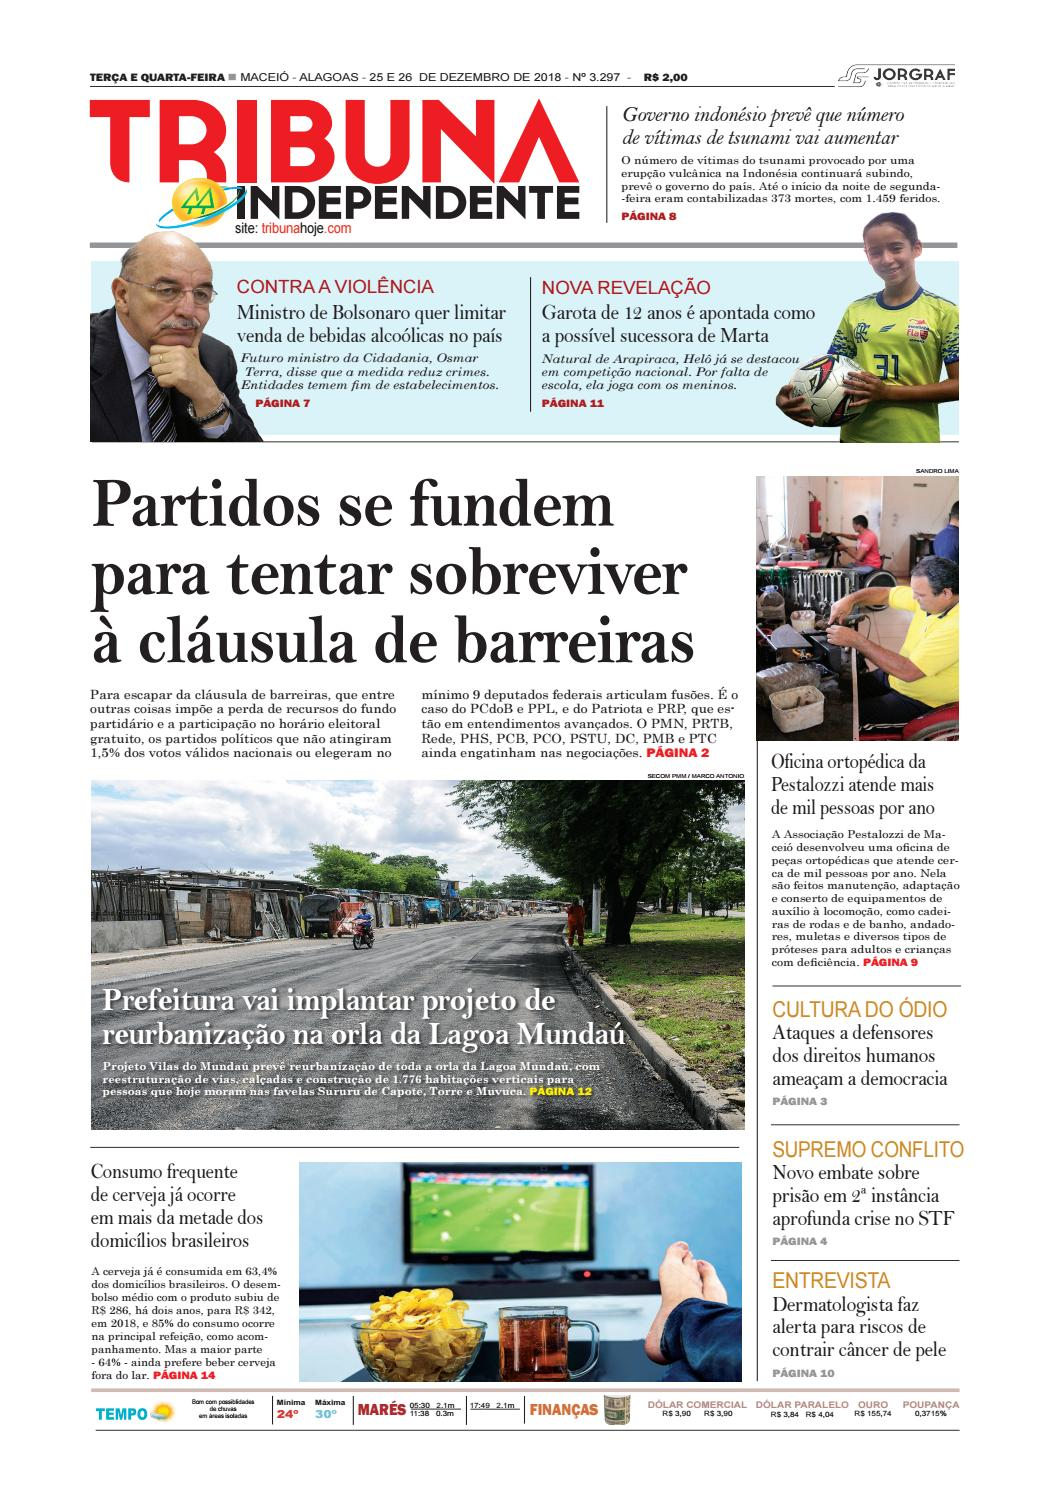 c4fbf99e6 Edição número 3297 - 25 de dezembro de 2018 by Tribuna Hoje - issuu